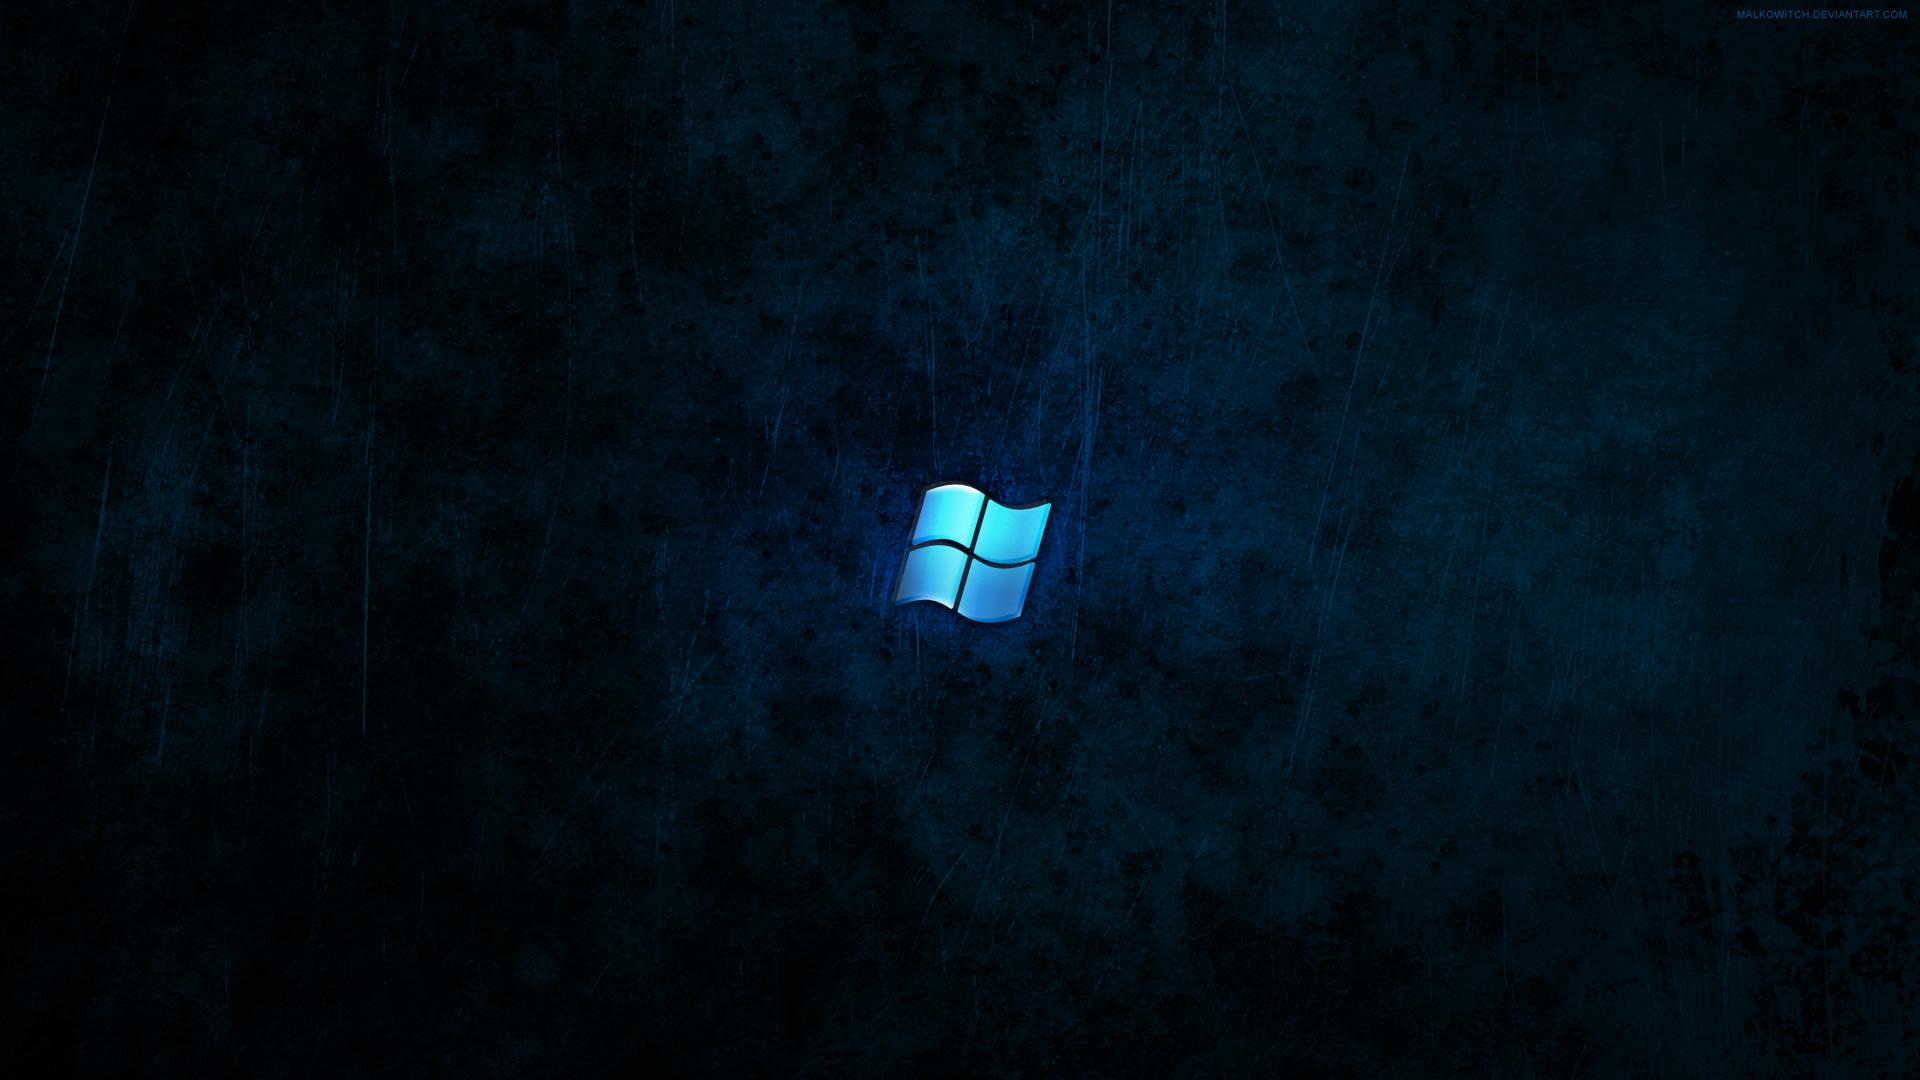 Windows Wallpaper 1920X1080 wallpaperFull Hd Wallpaper 1920x1080 Dark